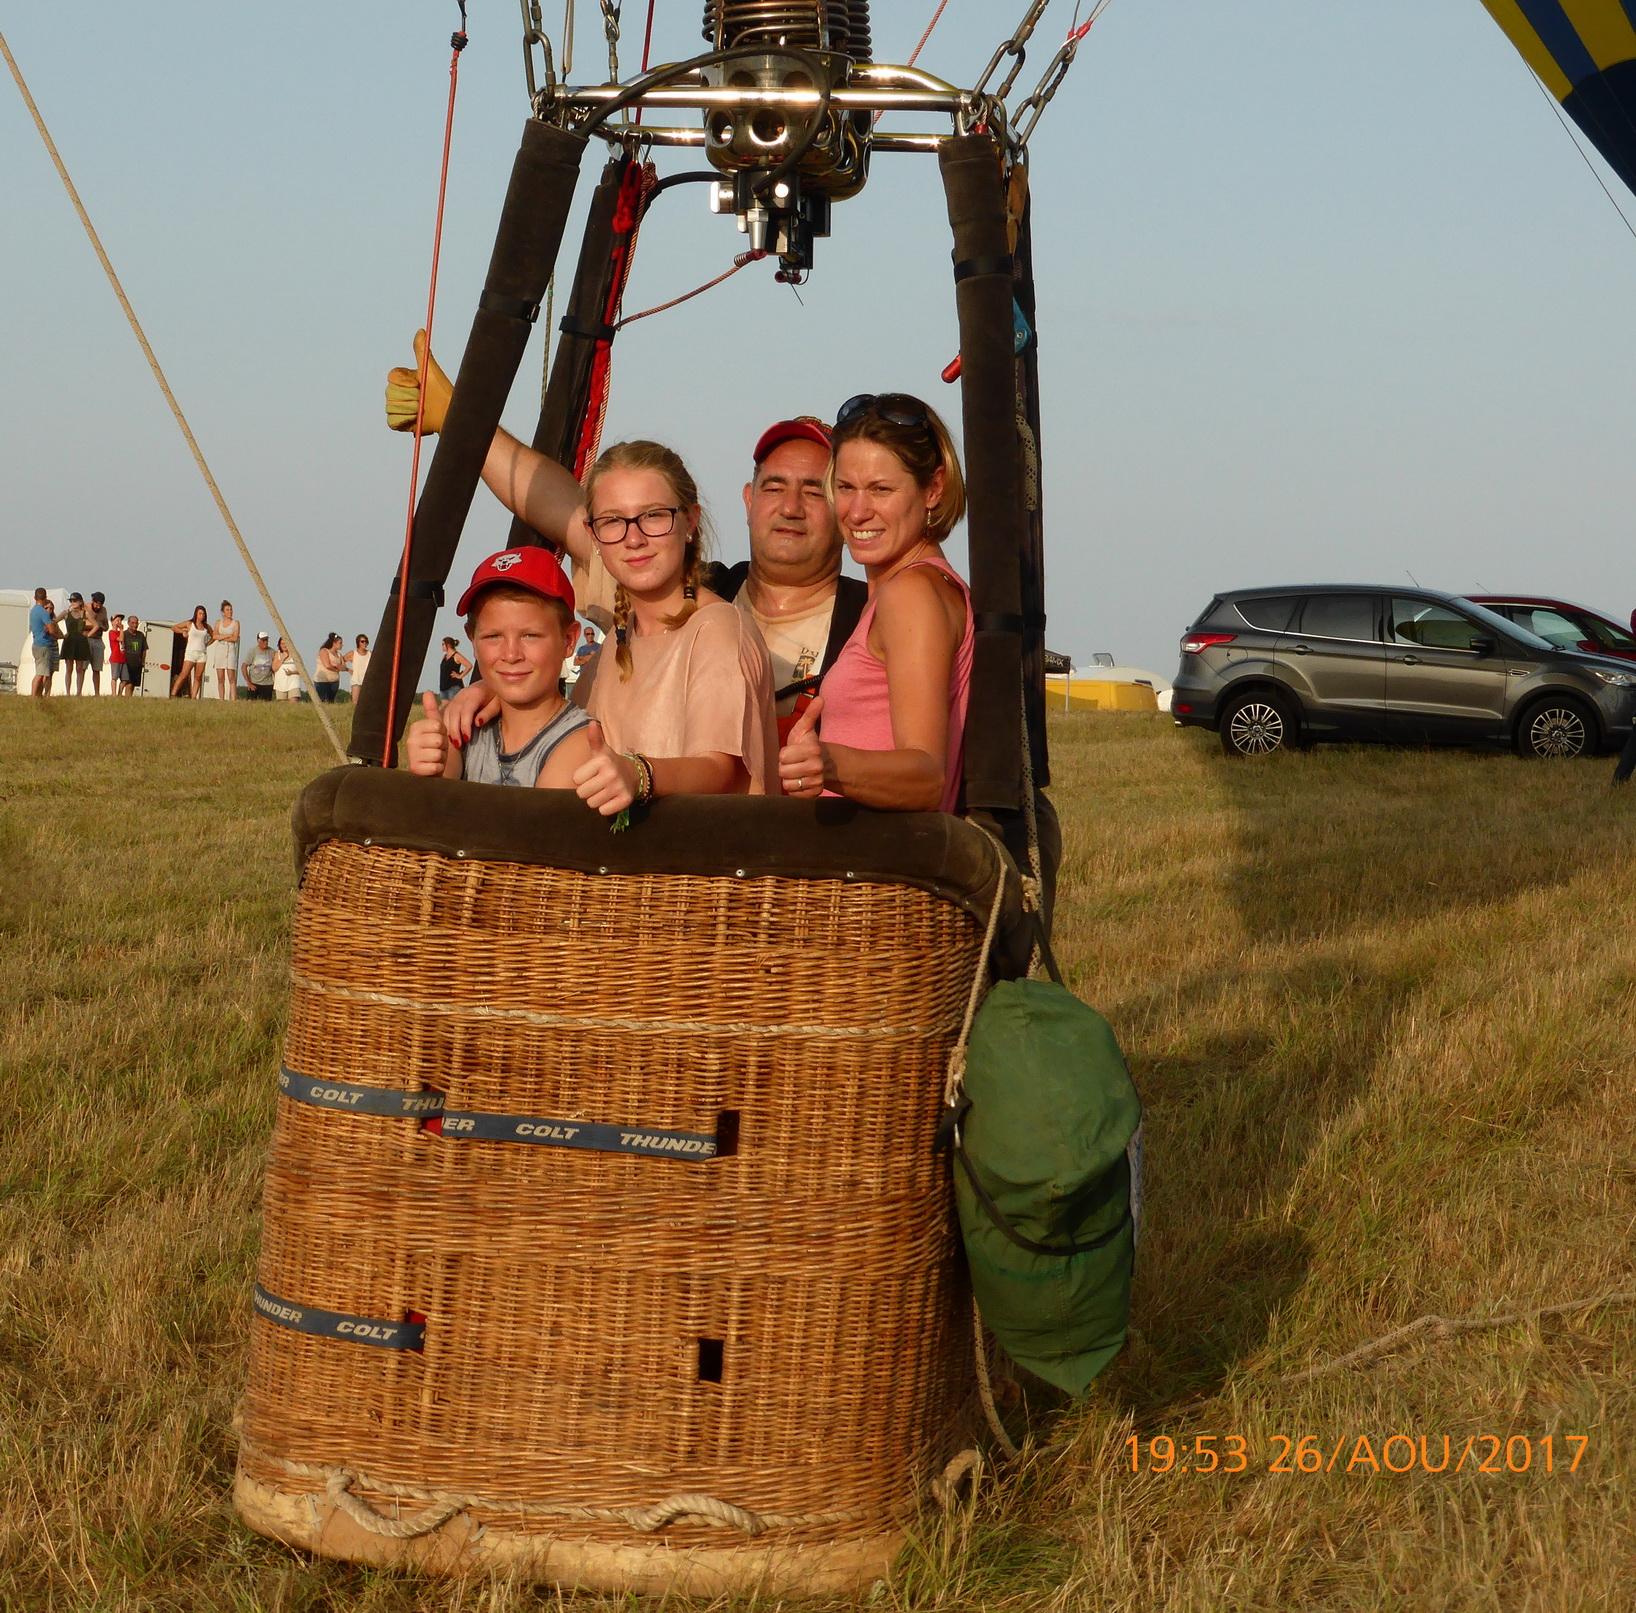 Tout est OK, le pilote va bientôt faire décoller la montgolfière!